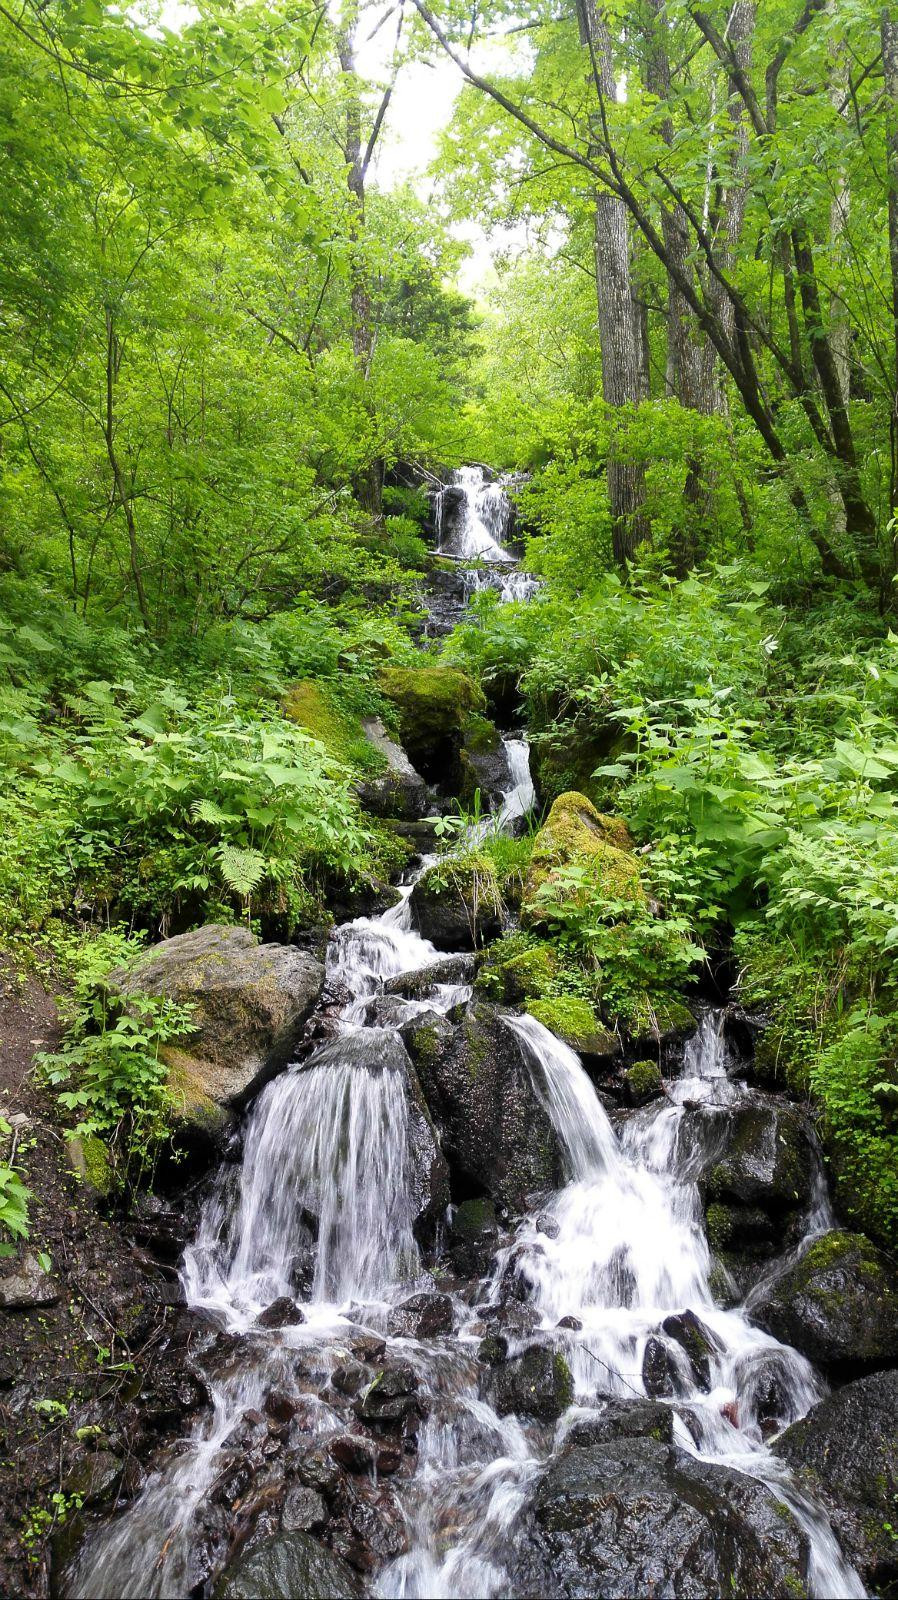 望天鹅风景区位于长白山十五道沟望天鹅峡谷内,望天鹅山海拔2051.